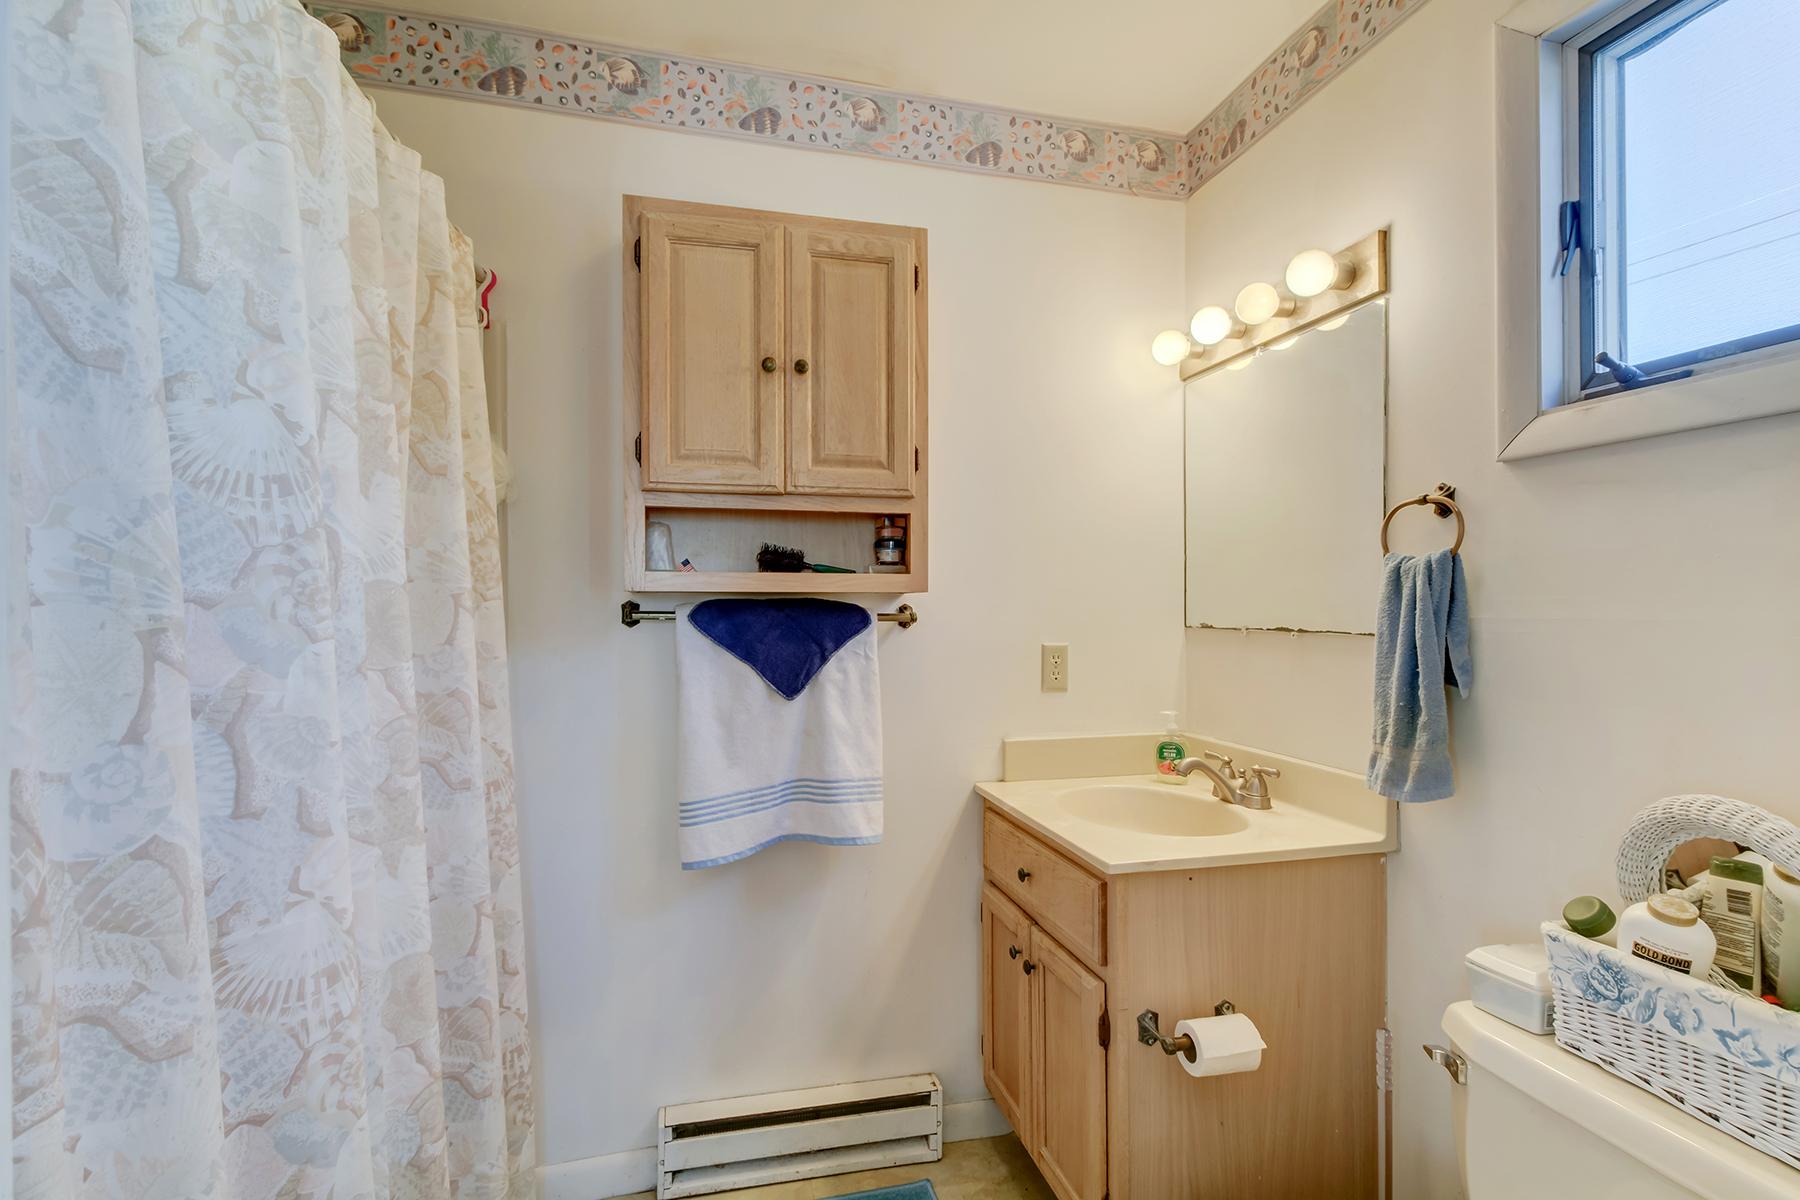 Additional photo for property listing at 39123 Van Buren , Selbyville, DE 19975 39123  Van Buren Ave, 赛尔比维尔, 特拉华州 19975 美国